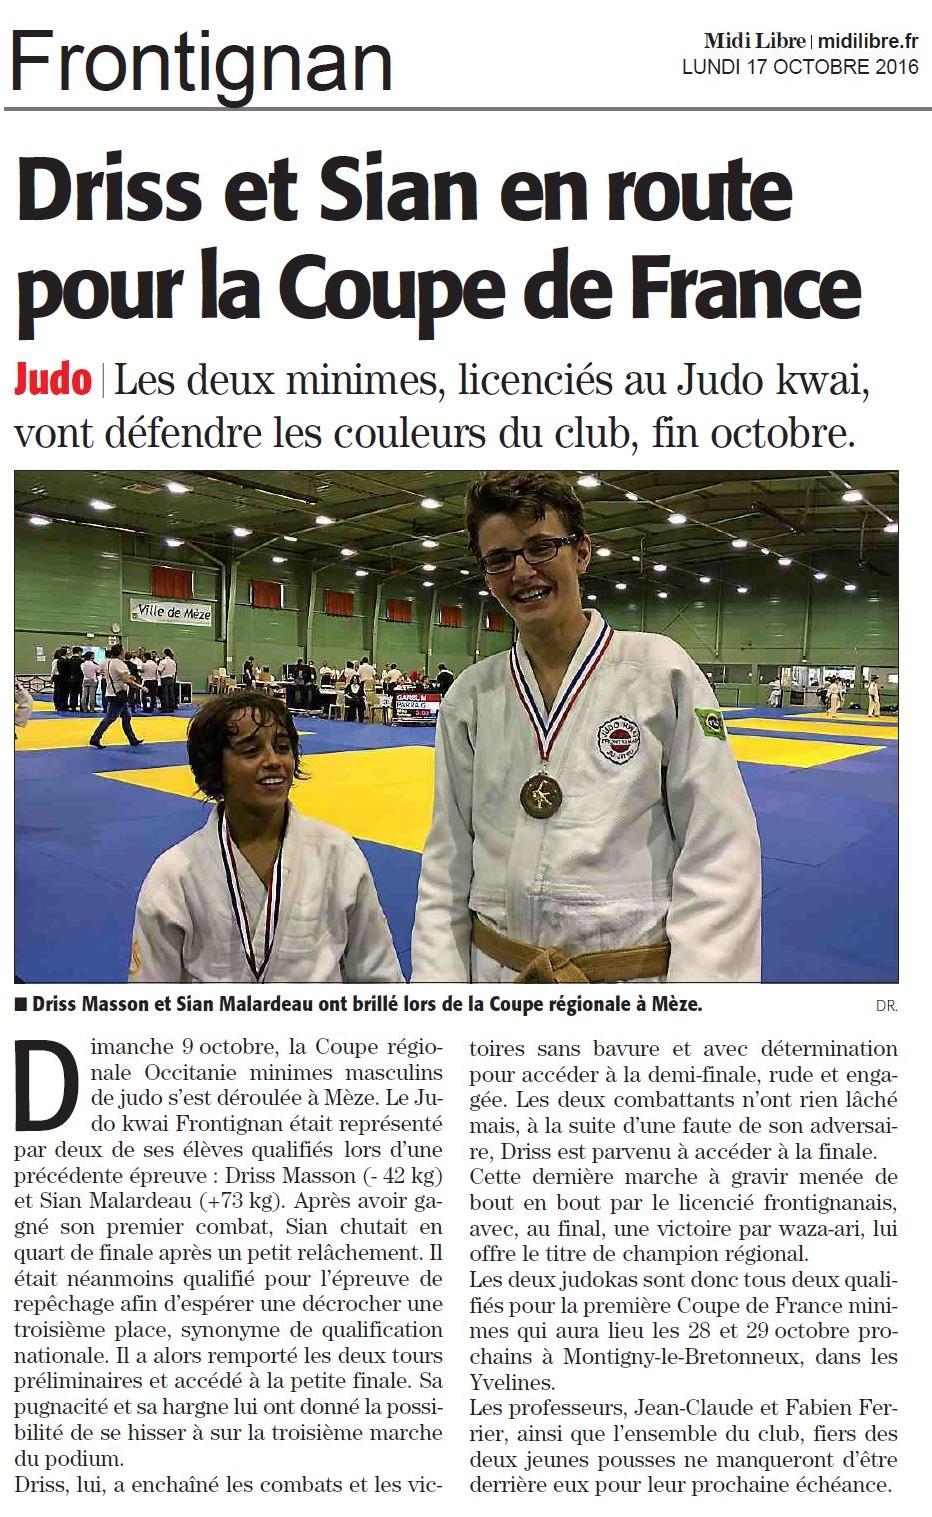 17 Octobre 2016 (Midi Libre): Coupe Régionale Minimes et Qualifications